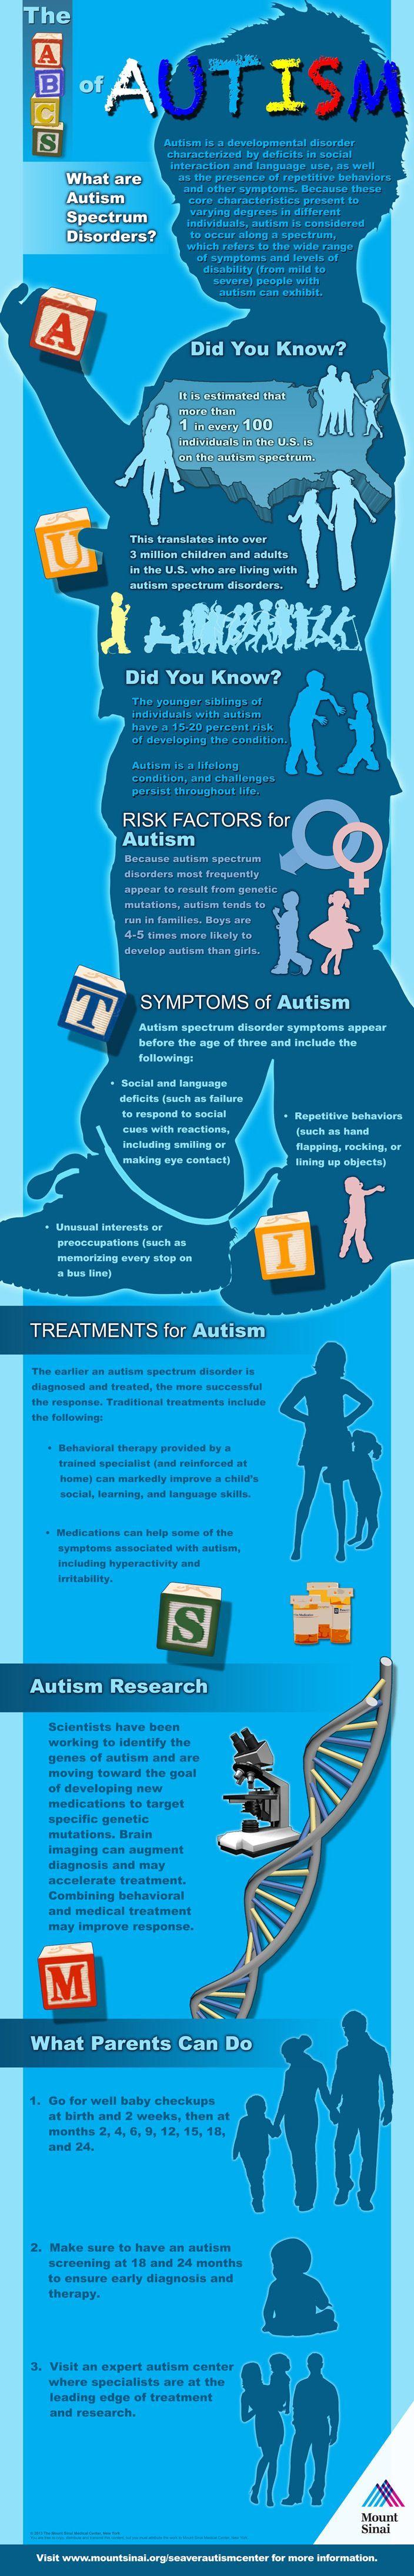 Die besten 25 Autism spectrum disorder symptoms Ideen auf